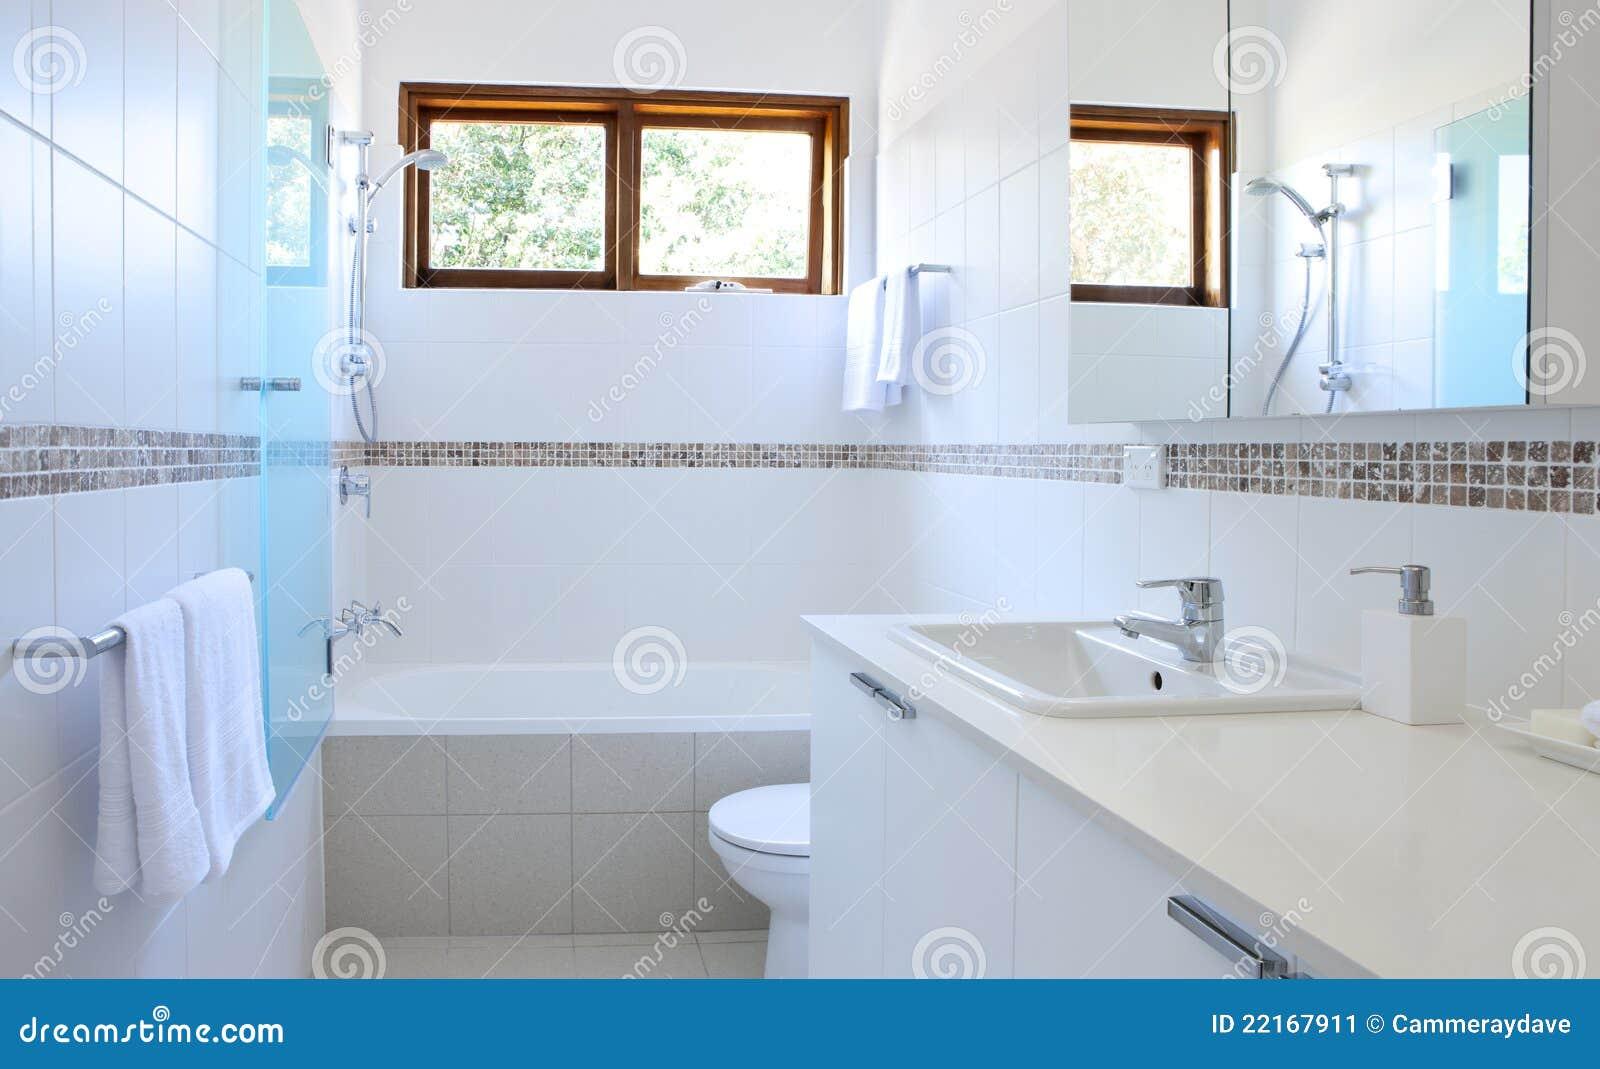 Pin Banheiras De Canto Banheiro Pequeno Banheira Banheiros Luxo on  #82A229 1300x885 Banheiras De Hidromassagens Para Banheiros Pequenos